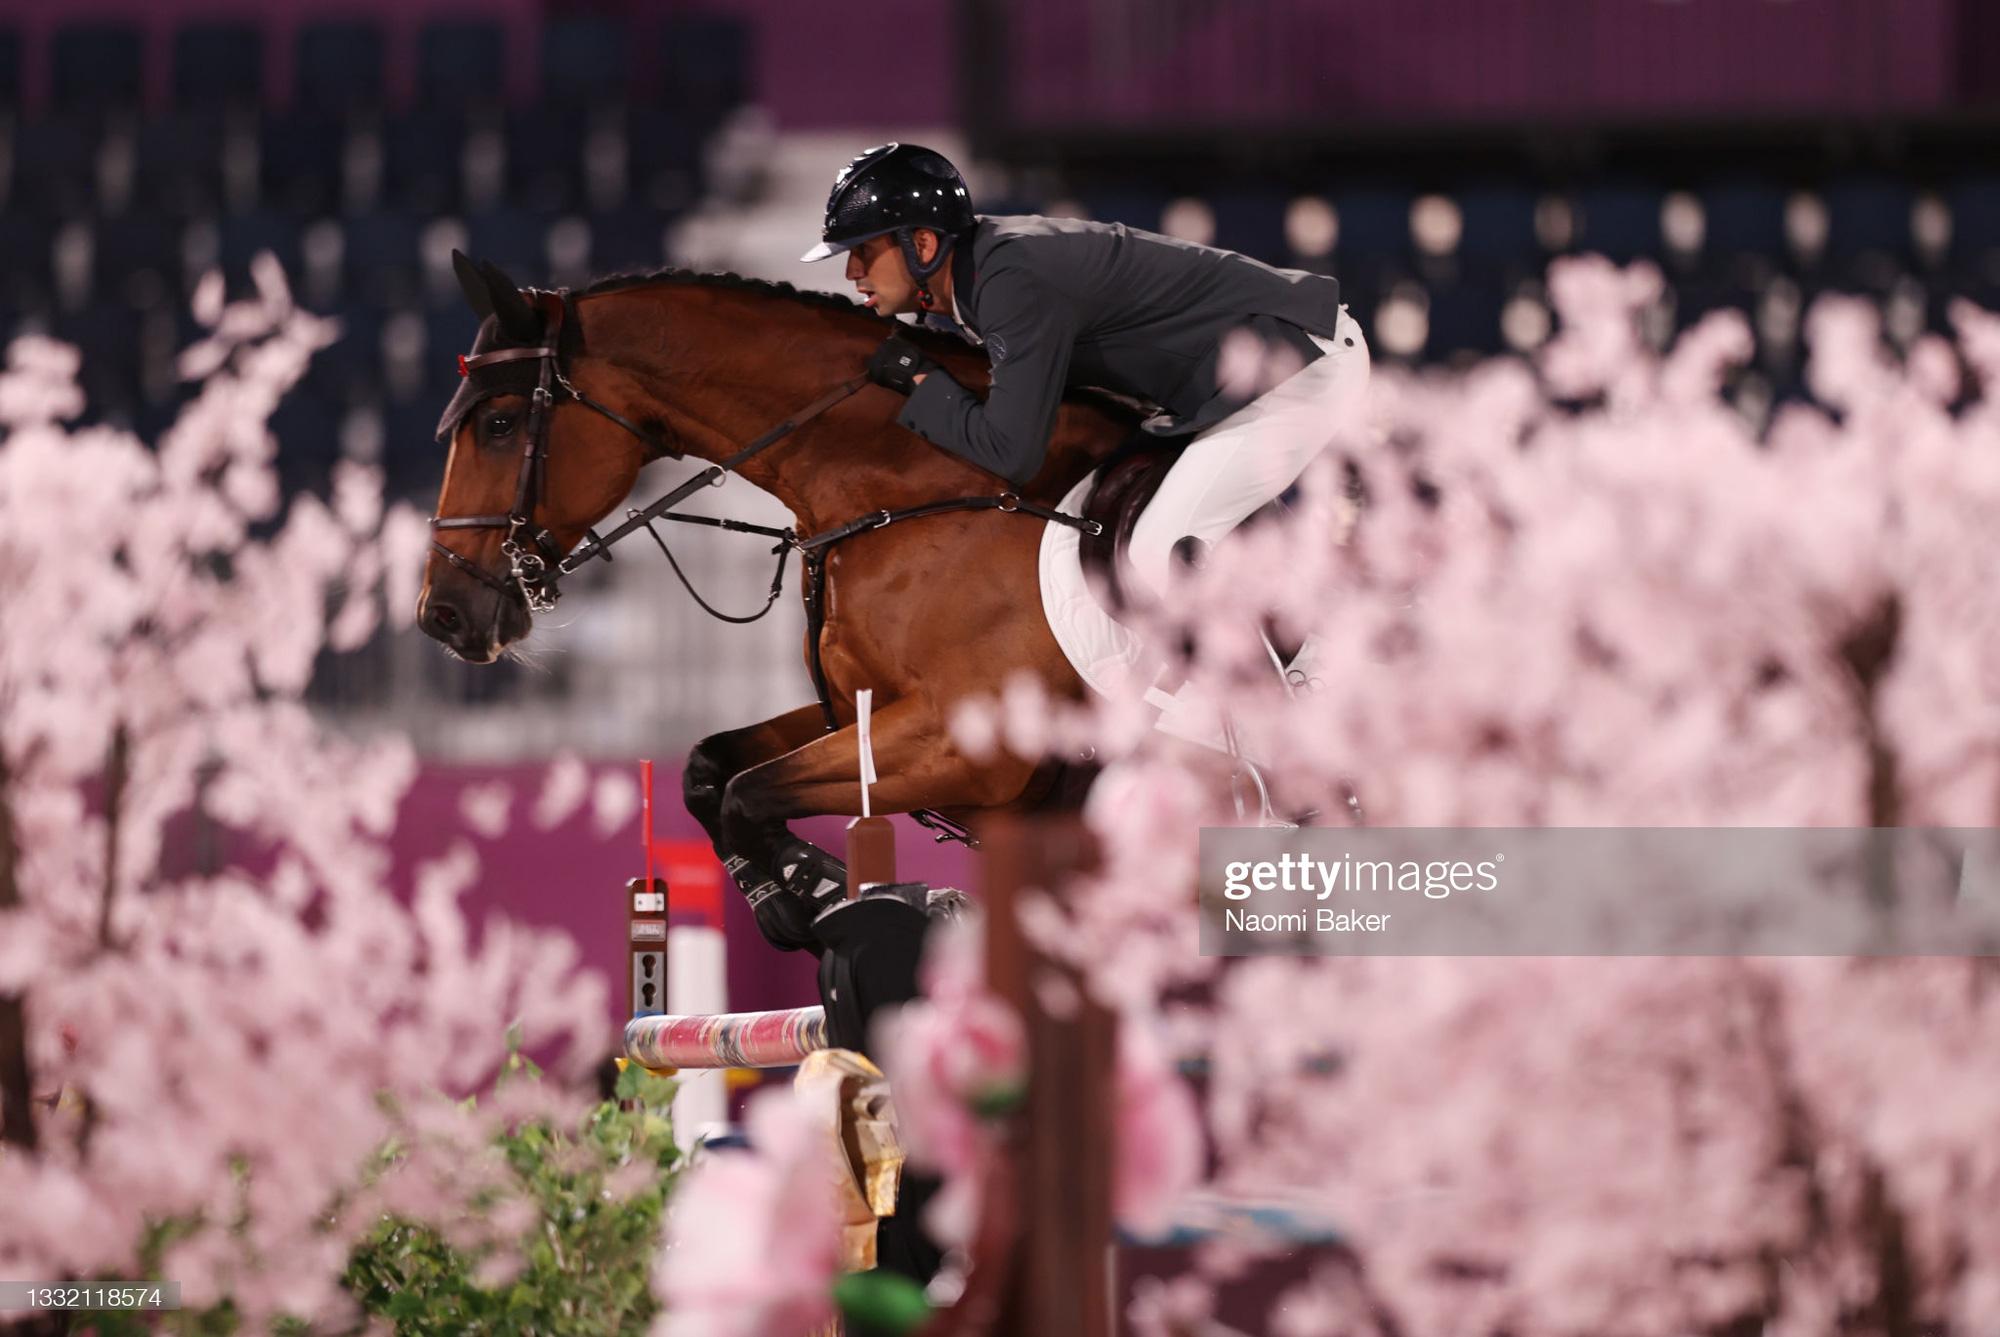 Những góc ảnh đẹp ngỡ ngàng ở Olympic Tokyo 2020 - Ảnh 23.